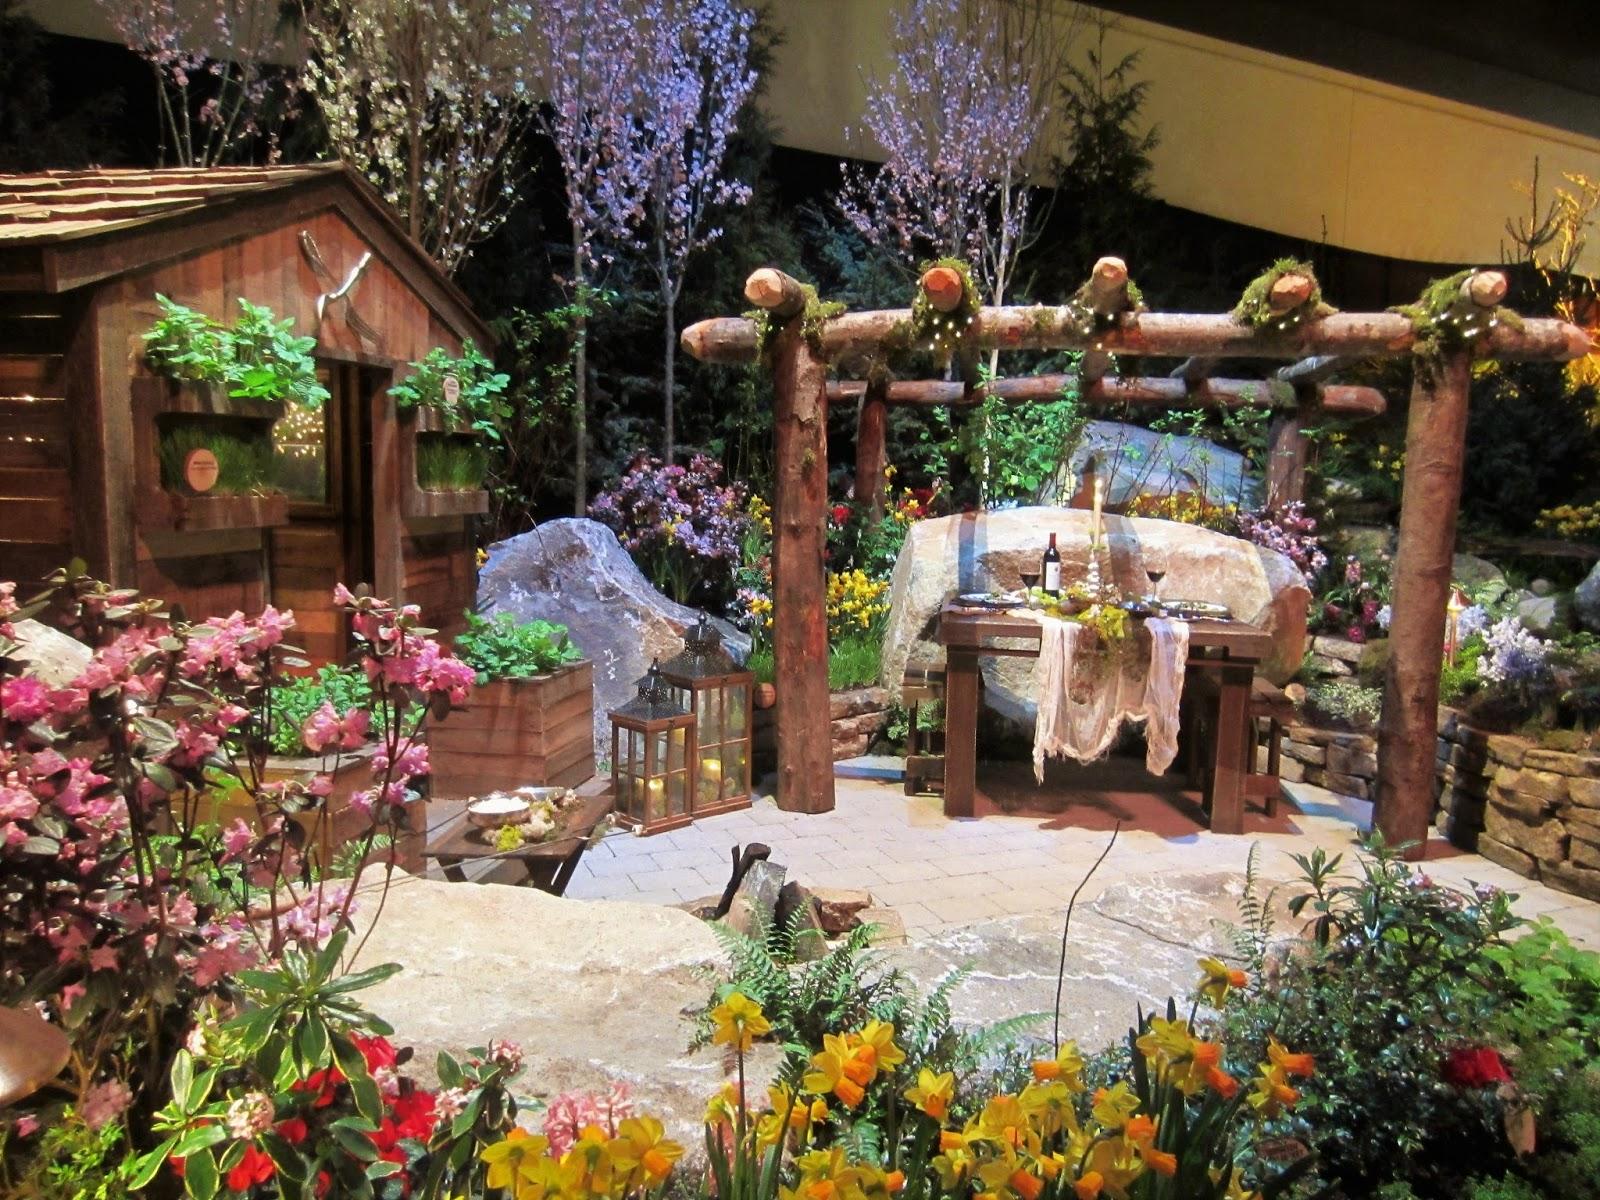 Beatrice euphemie northwest flower and garden show - Northwest flower and garden show ...